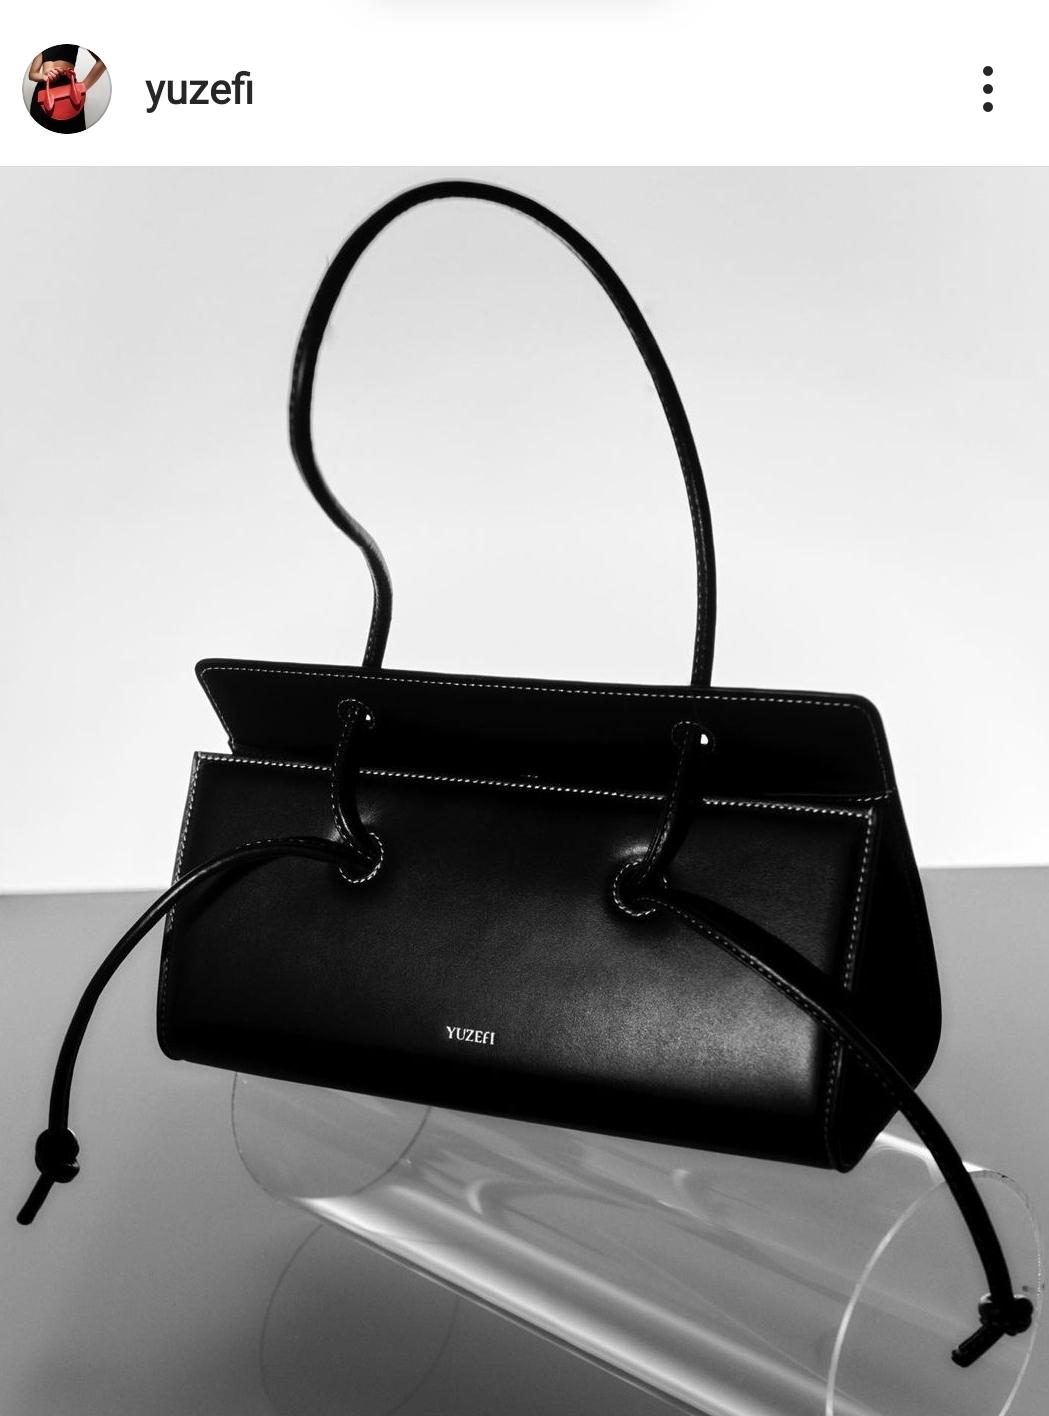 Designer bags on insta this Feb